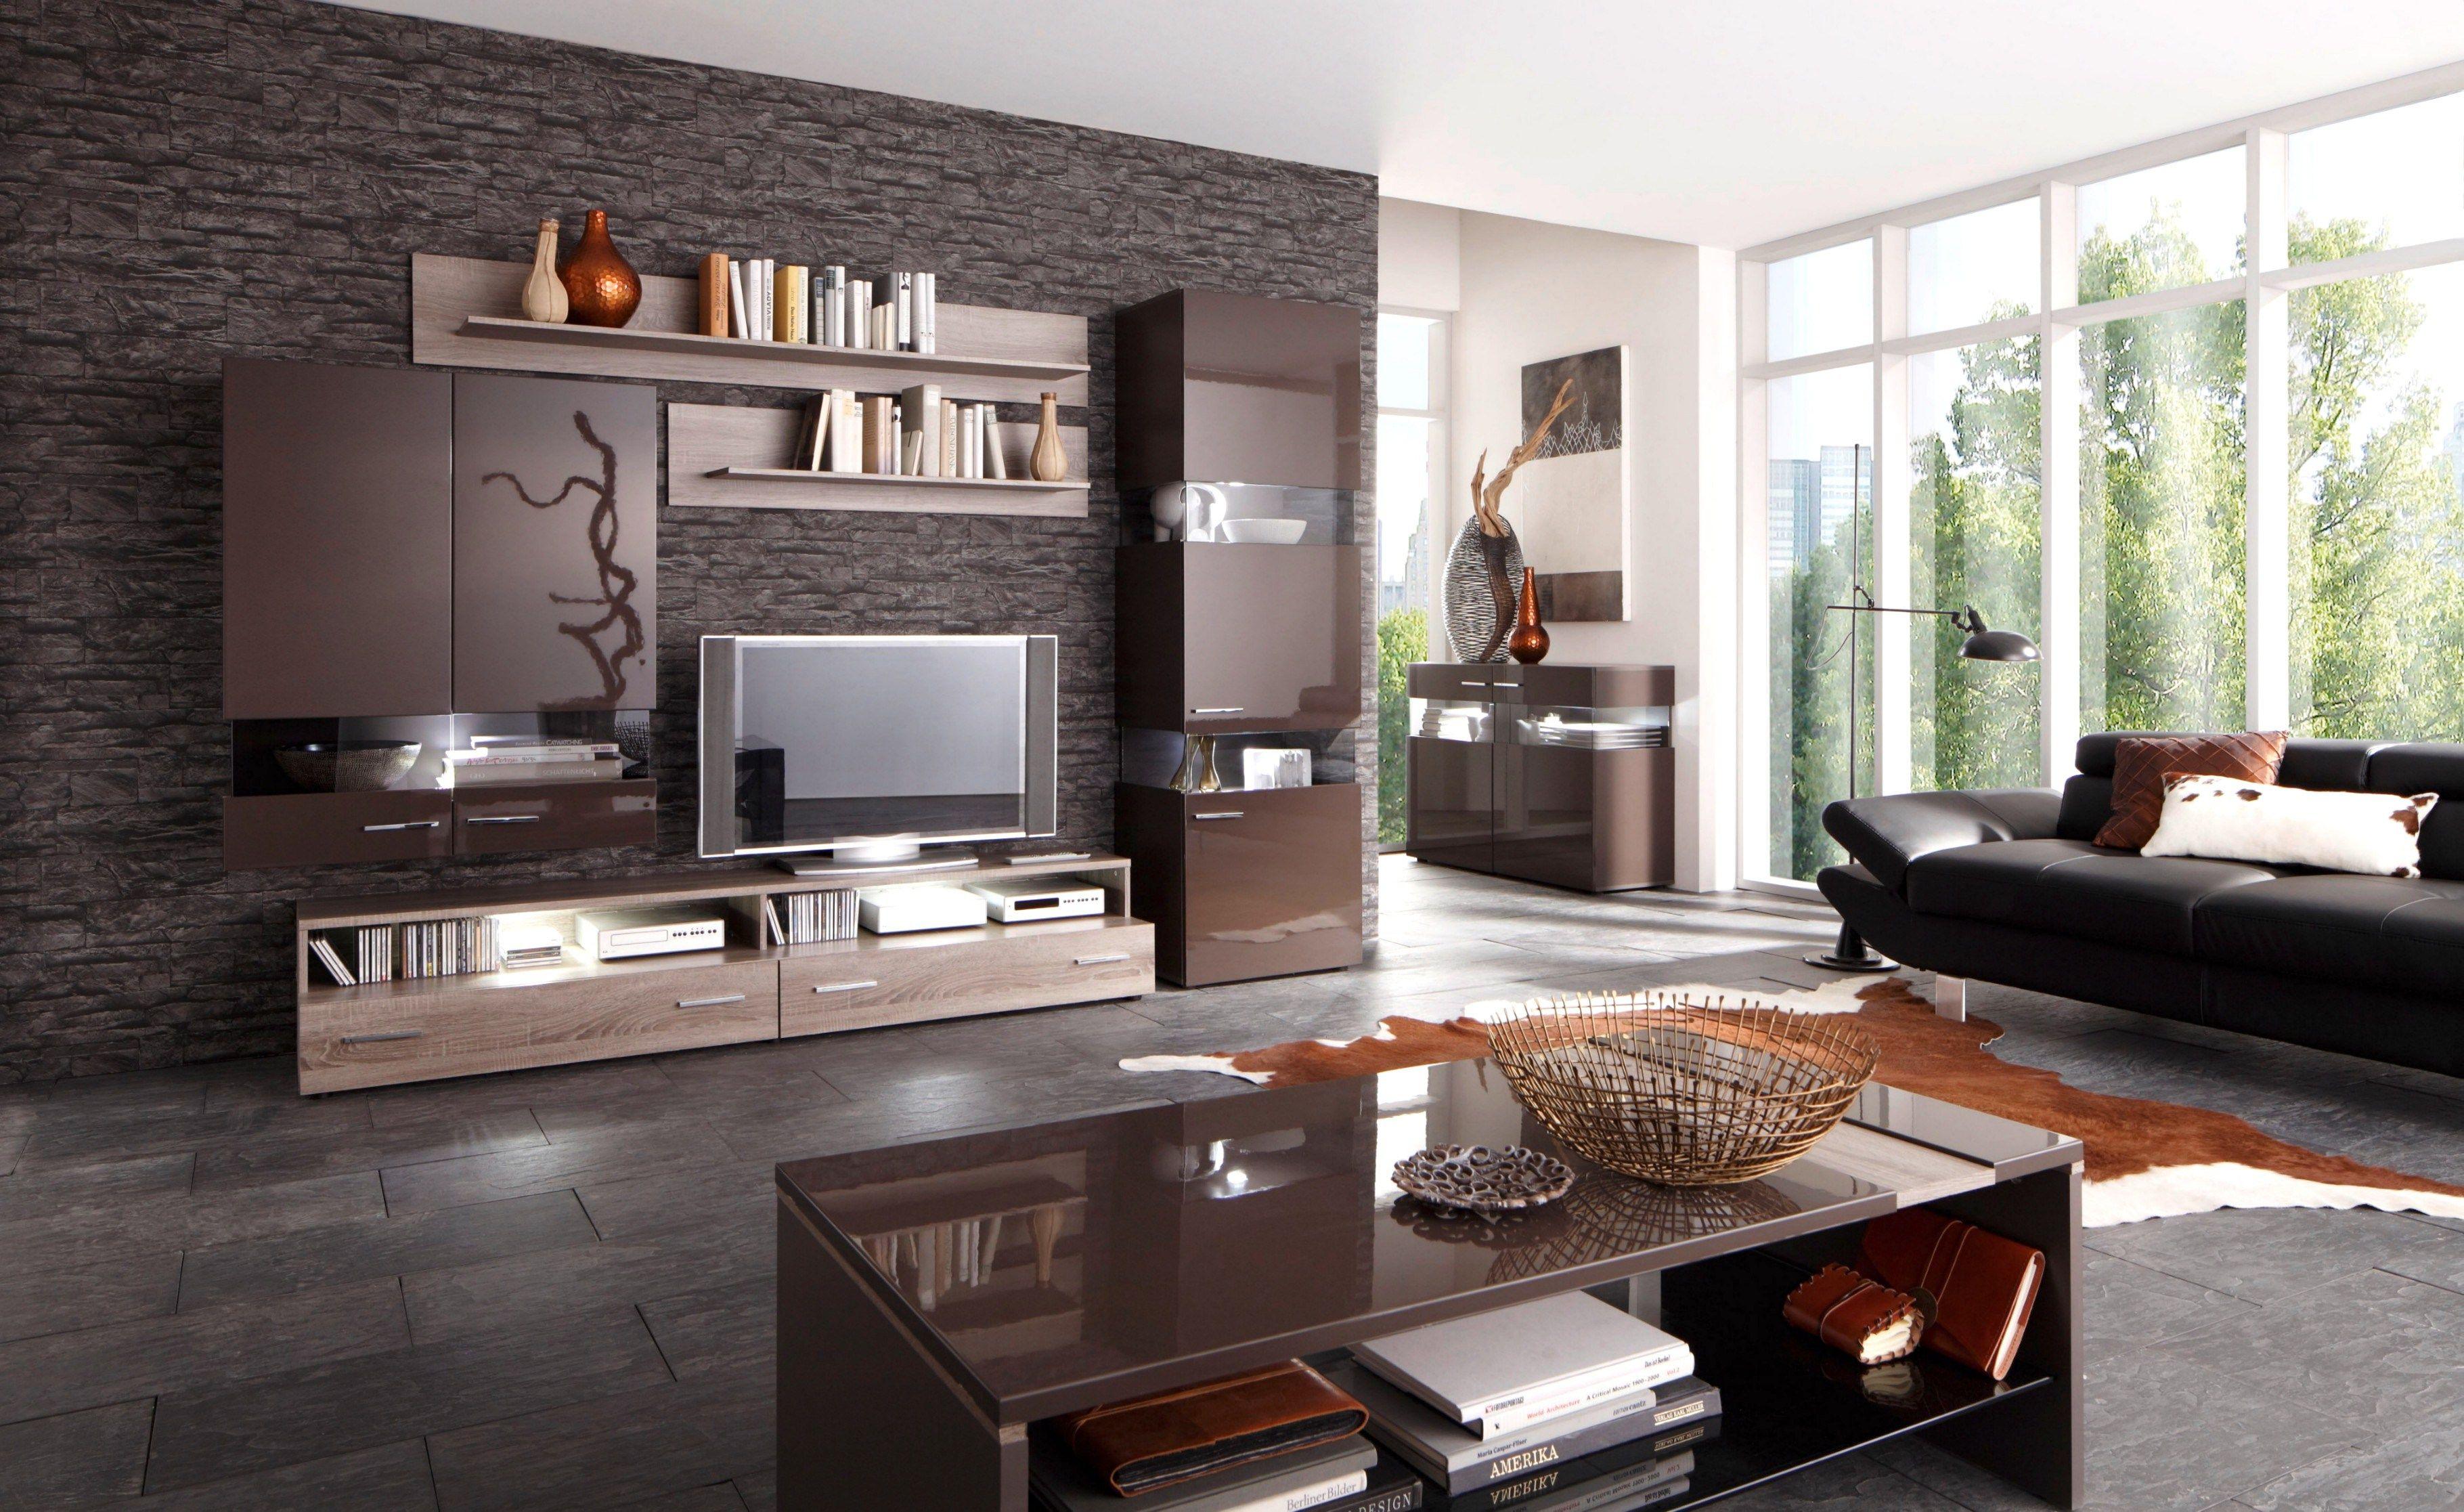 Wohnung Einrichten Wohnzimmer Gemtlich On Moderne Deko